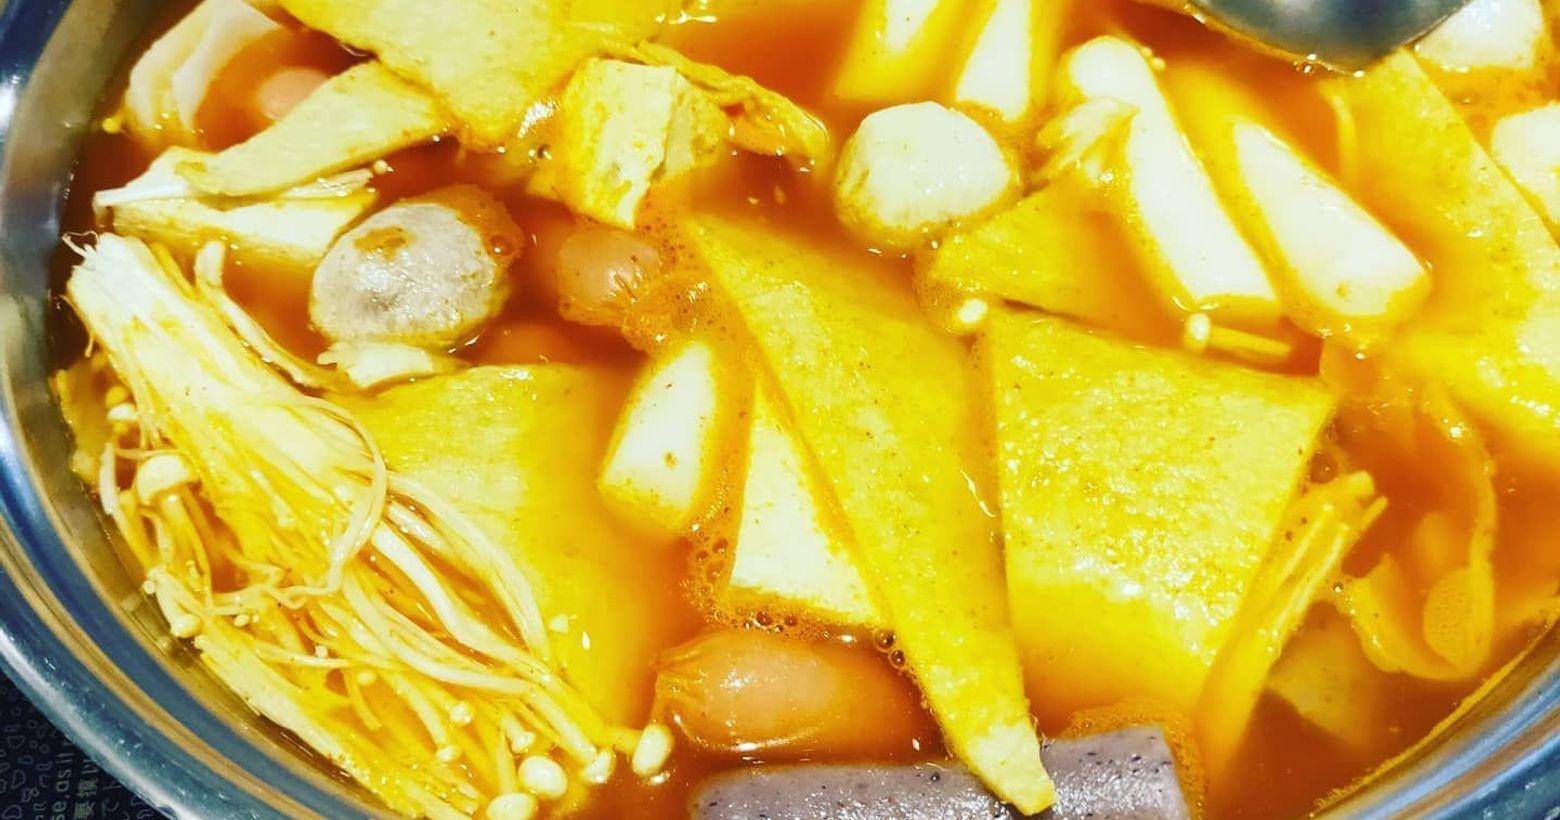 『 兩餐 』 두끼 韓國年糕火鍋吃到飽話說今天分享這家餐廳開了很久,之前也吃